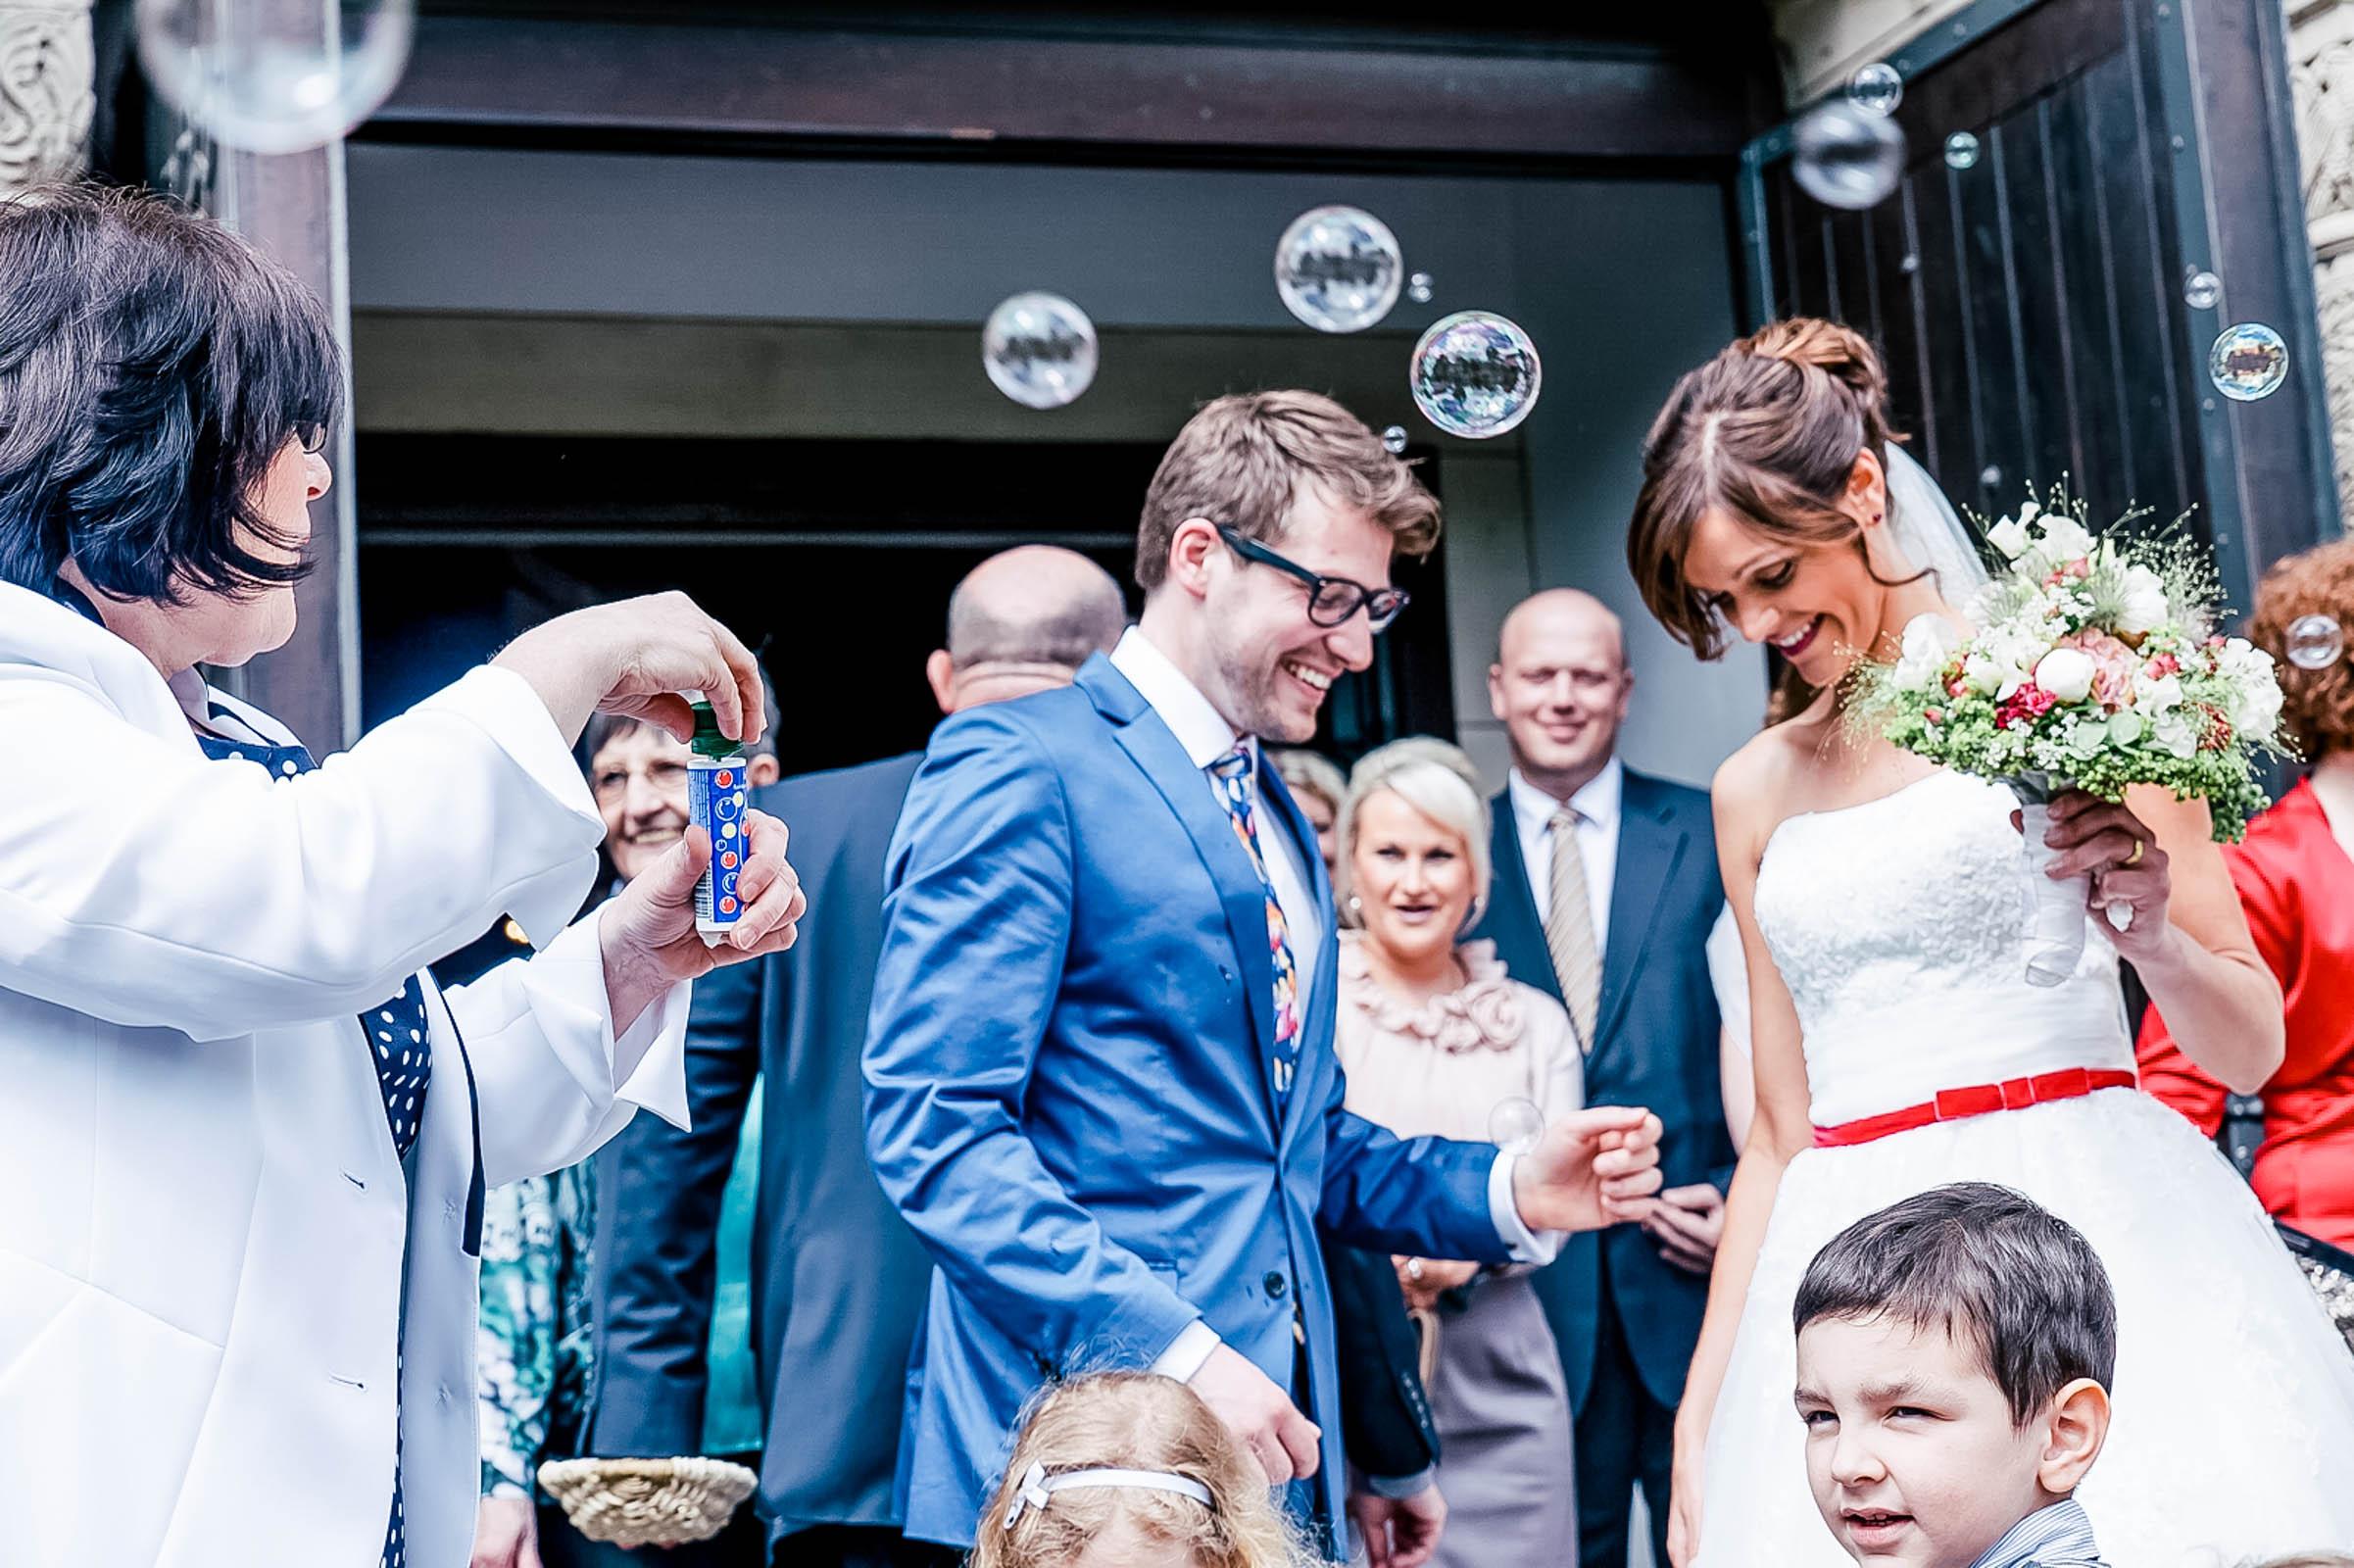 Monstergraphie_Hochzeitsreportage_Siegen-34.jpg?fit=2402%2C1600